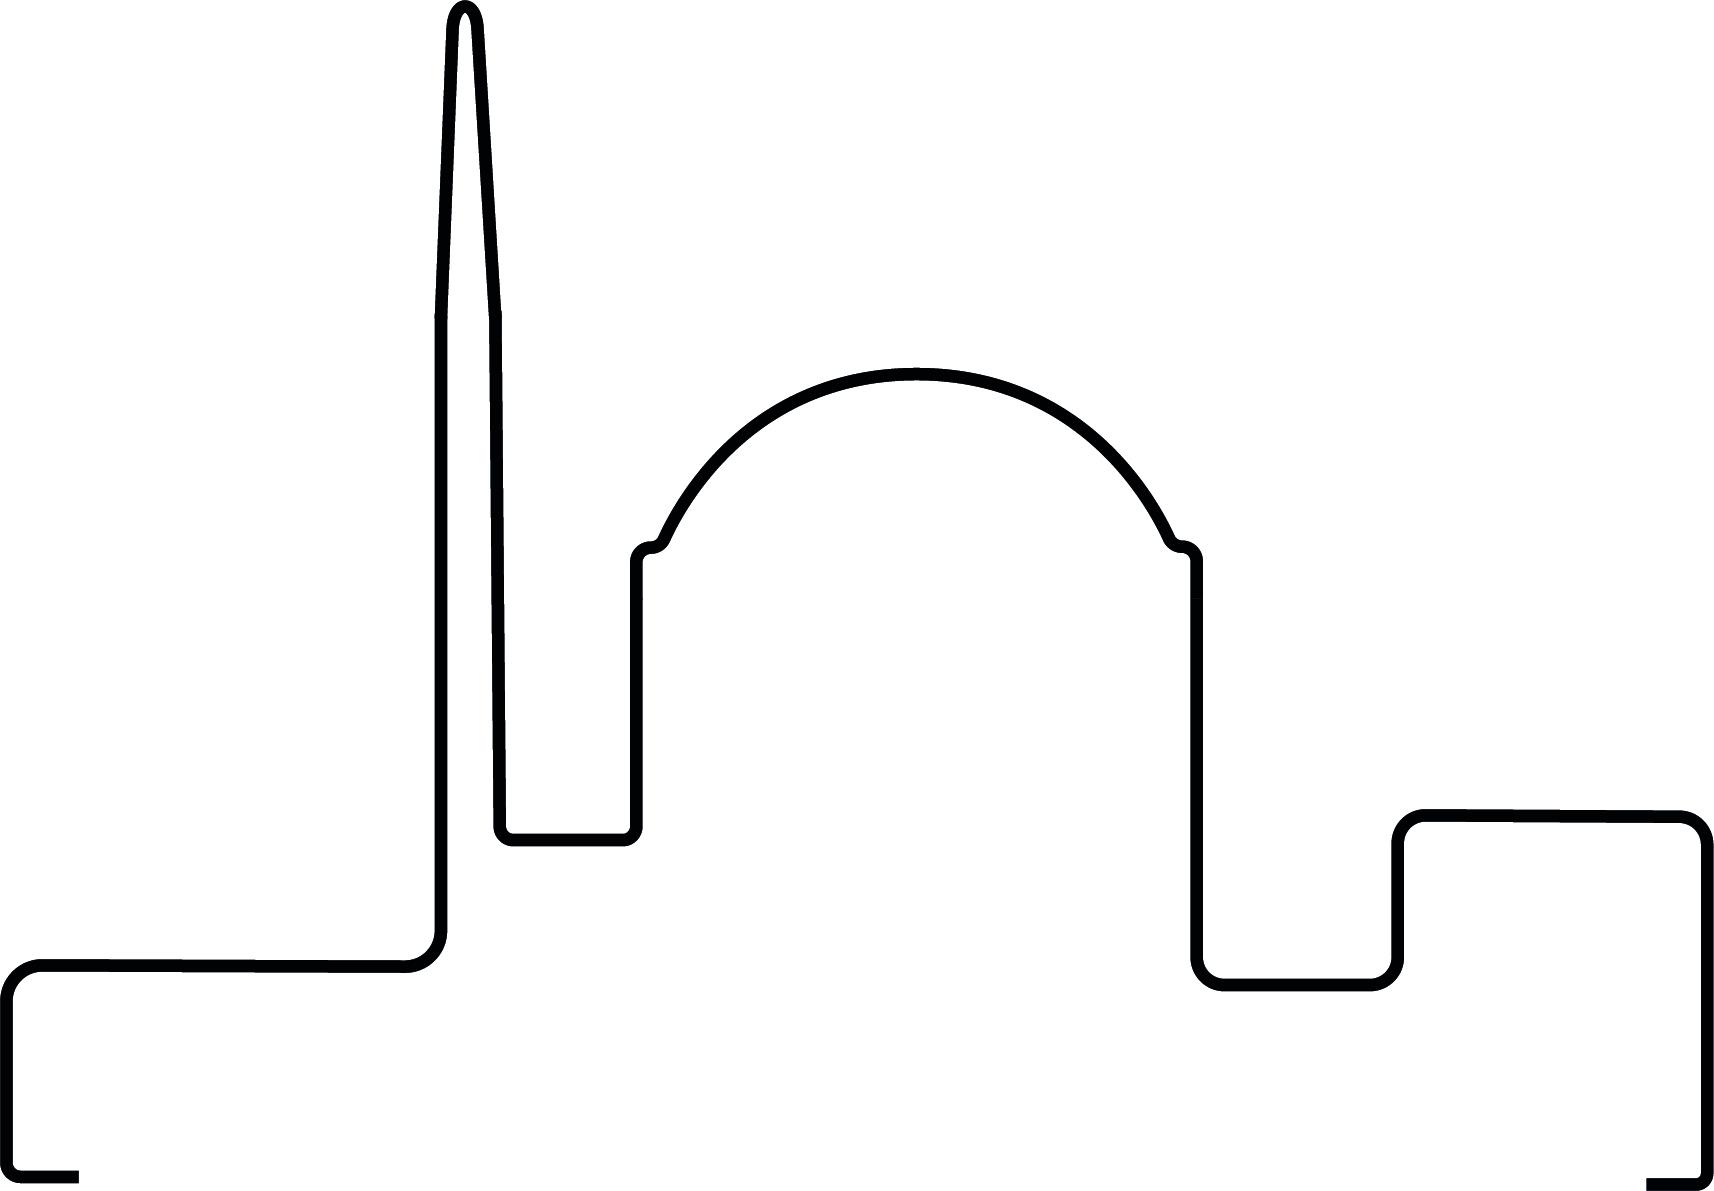 Quelle: Neue Moschee für Krefeld, futureorg Institut